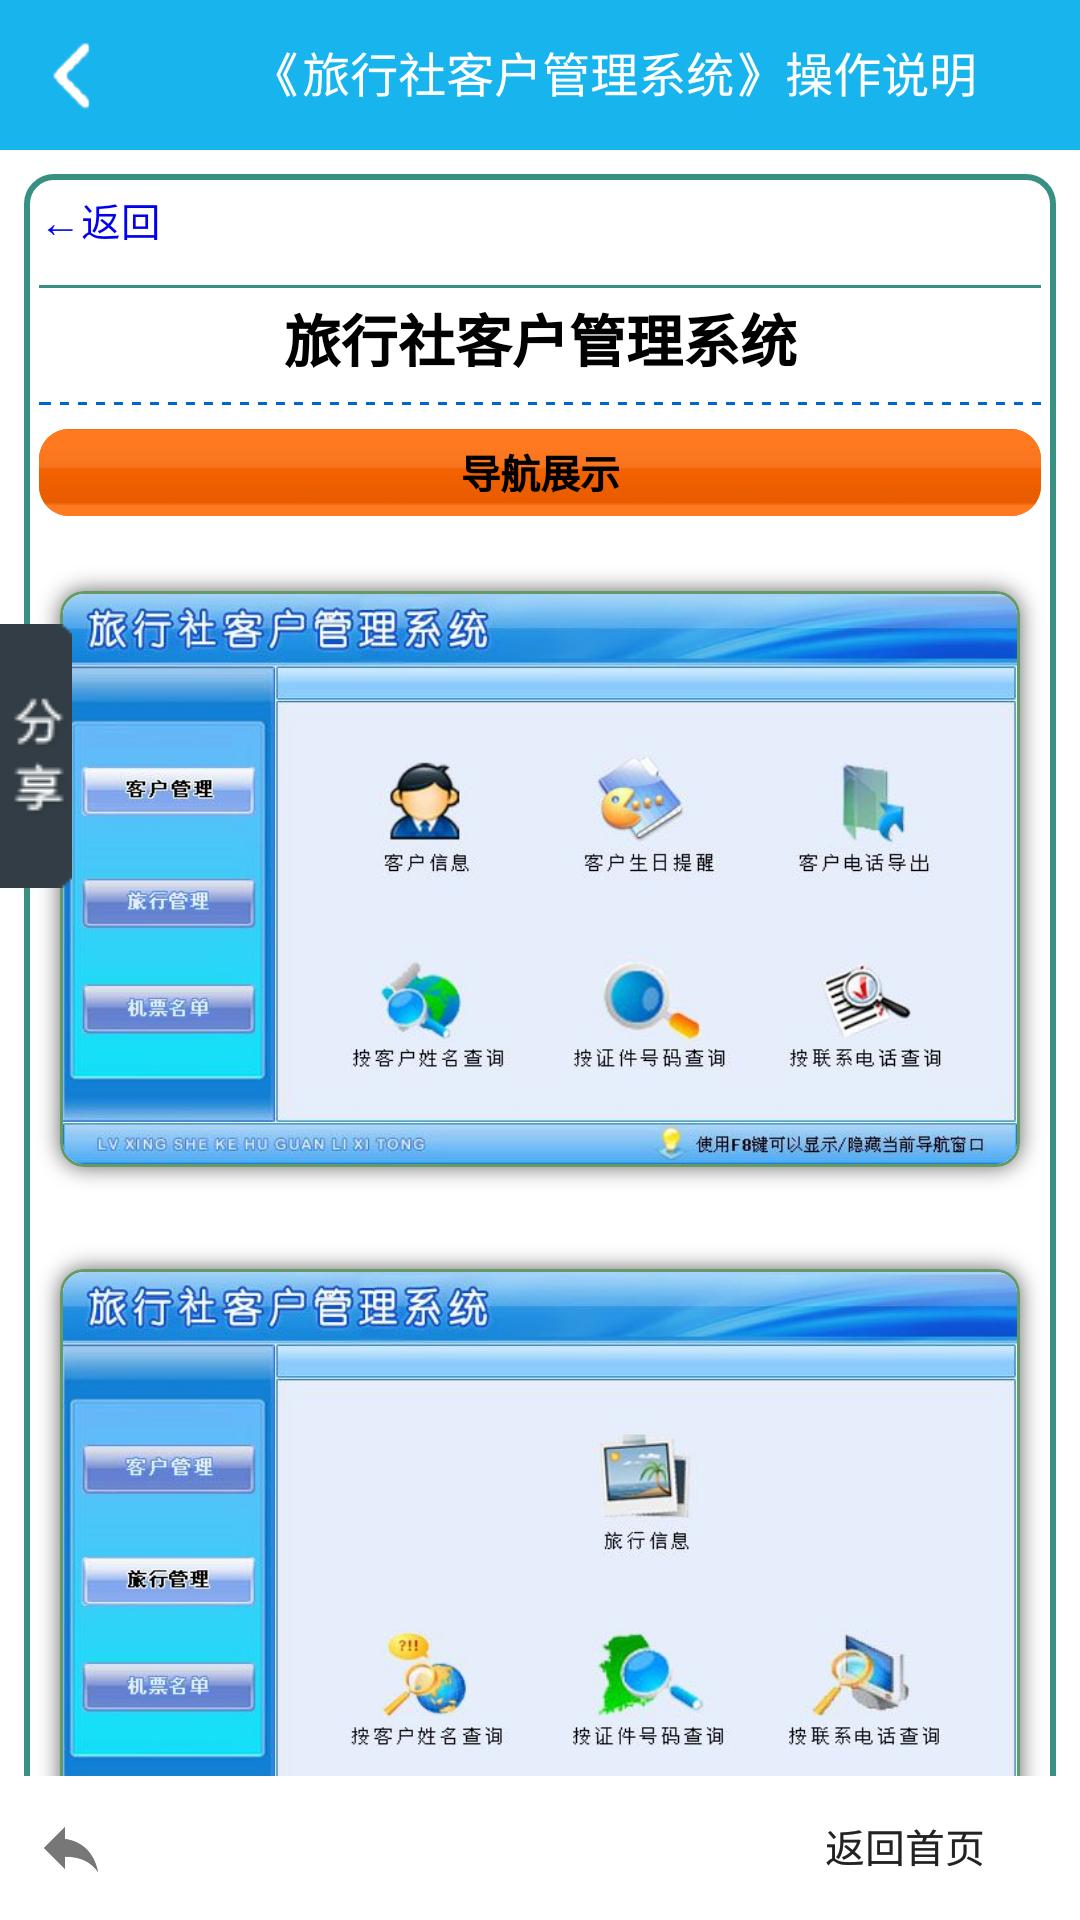 旅行社客户管理系统